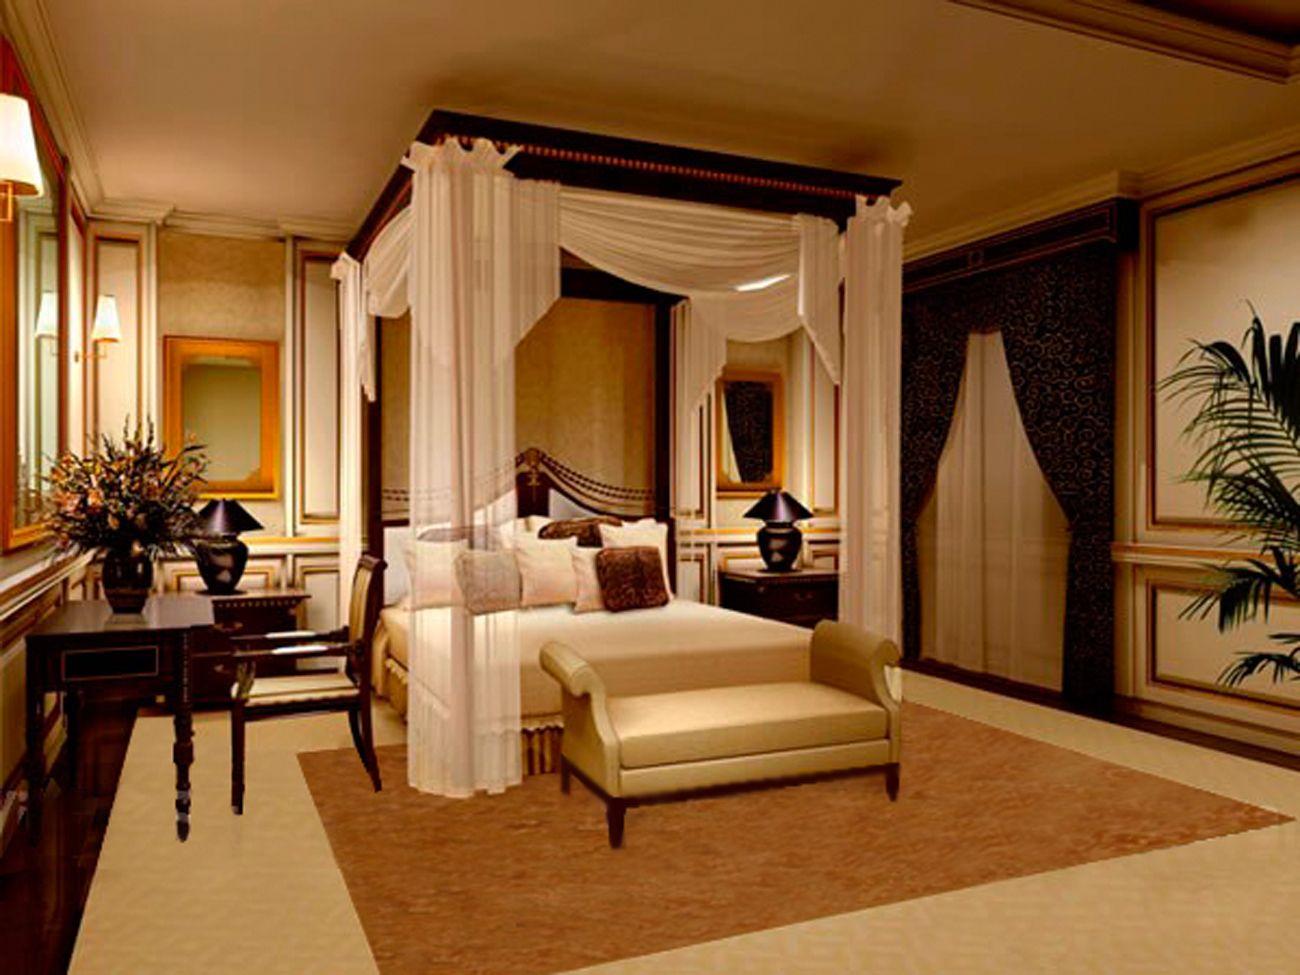 Luxury Bedrooms Bedrooms Romantic Bedrooms Castle Bedrooms